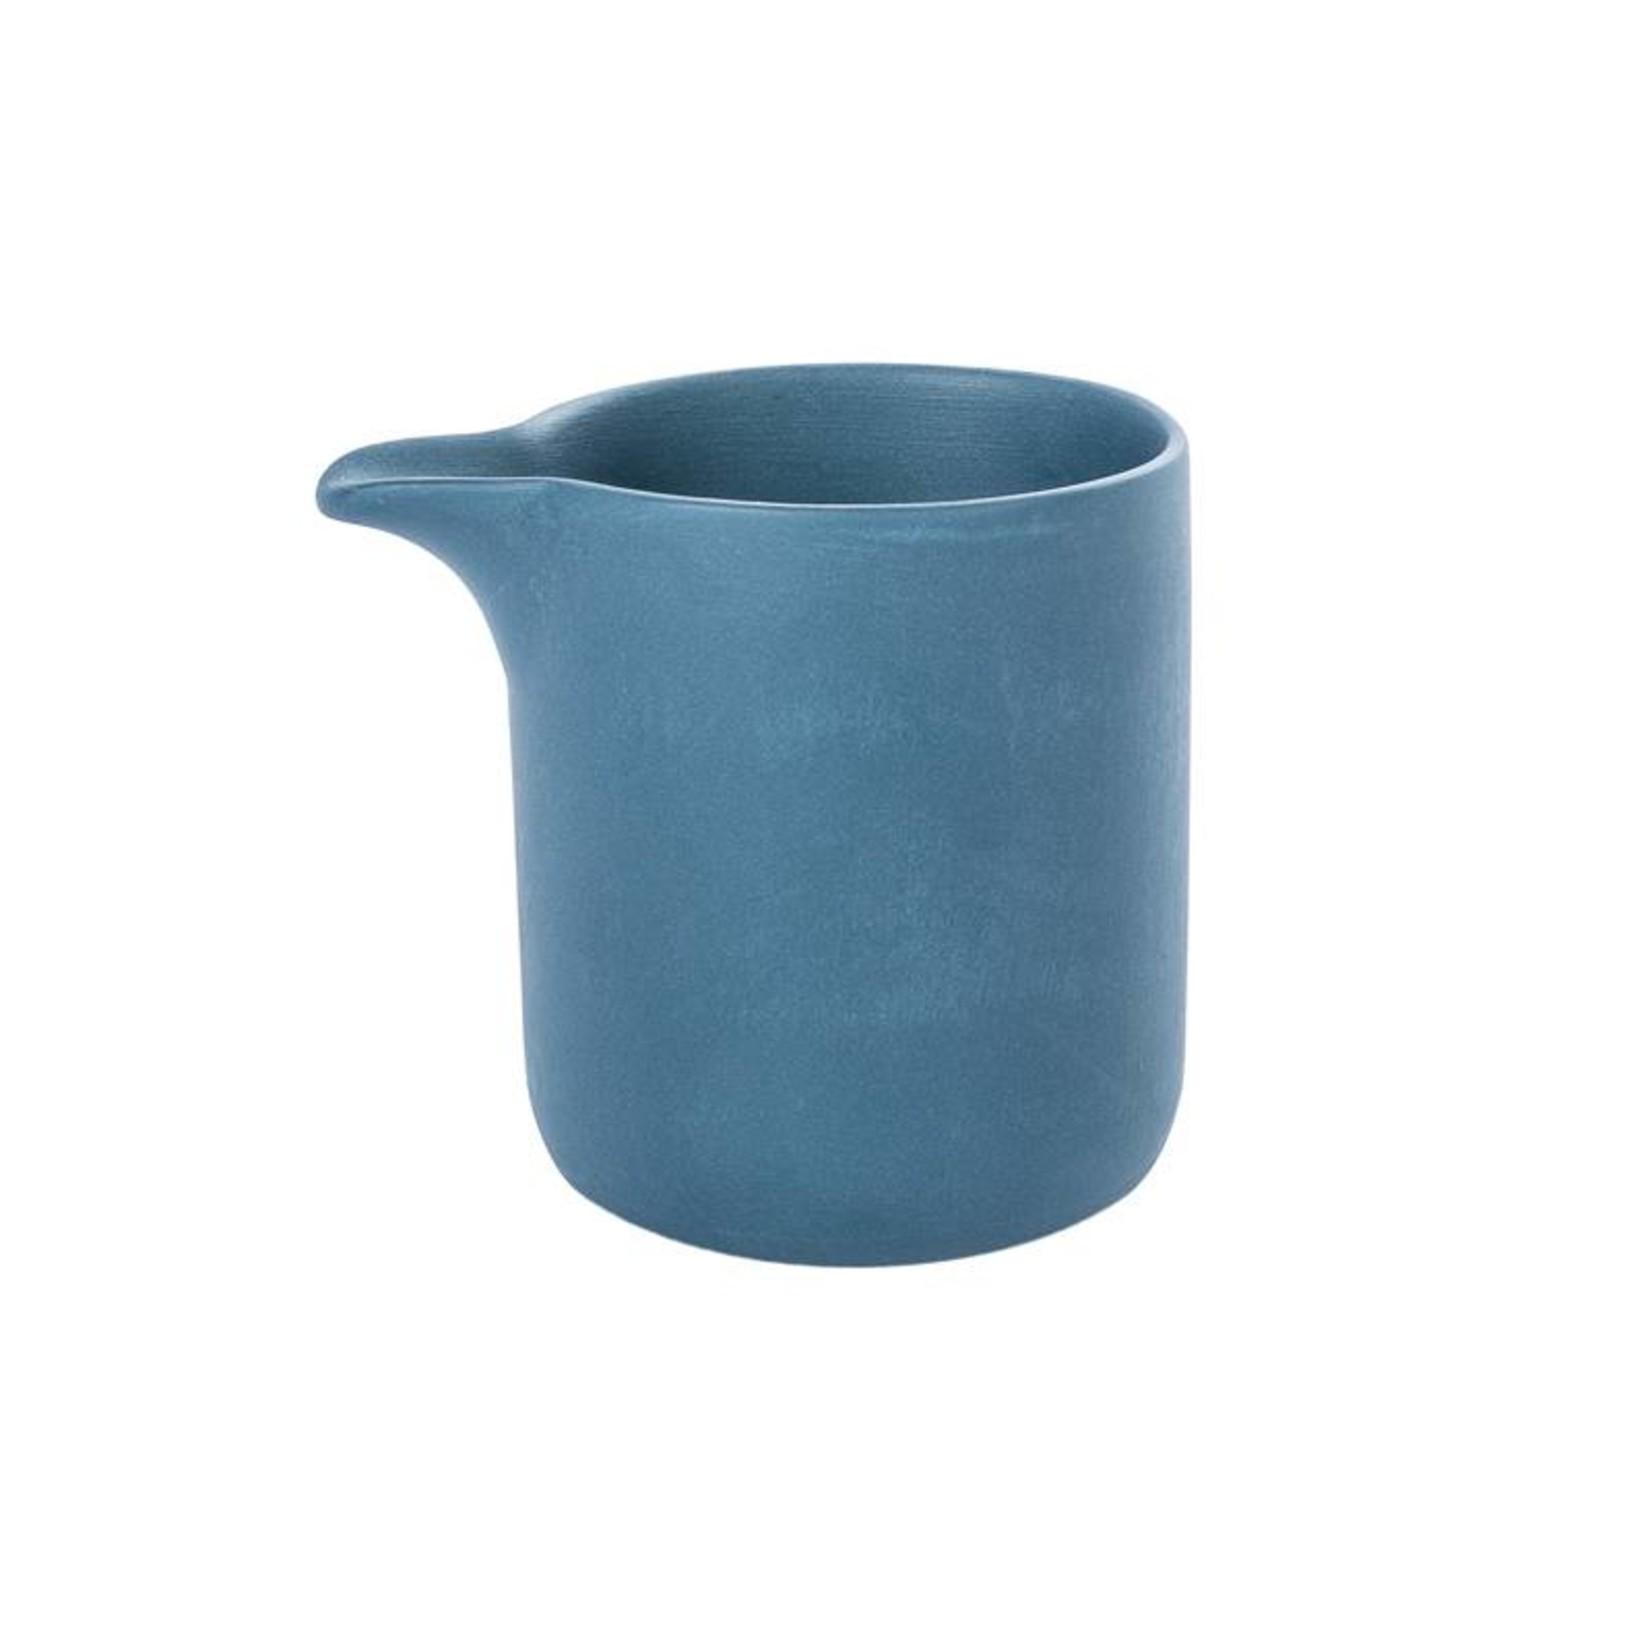 sue pryke small jug - indigo